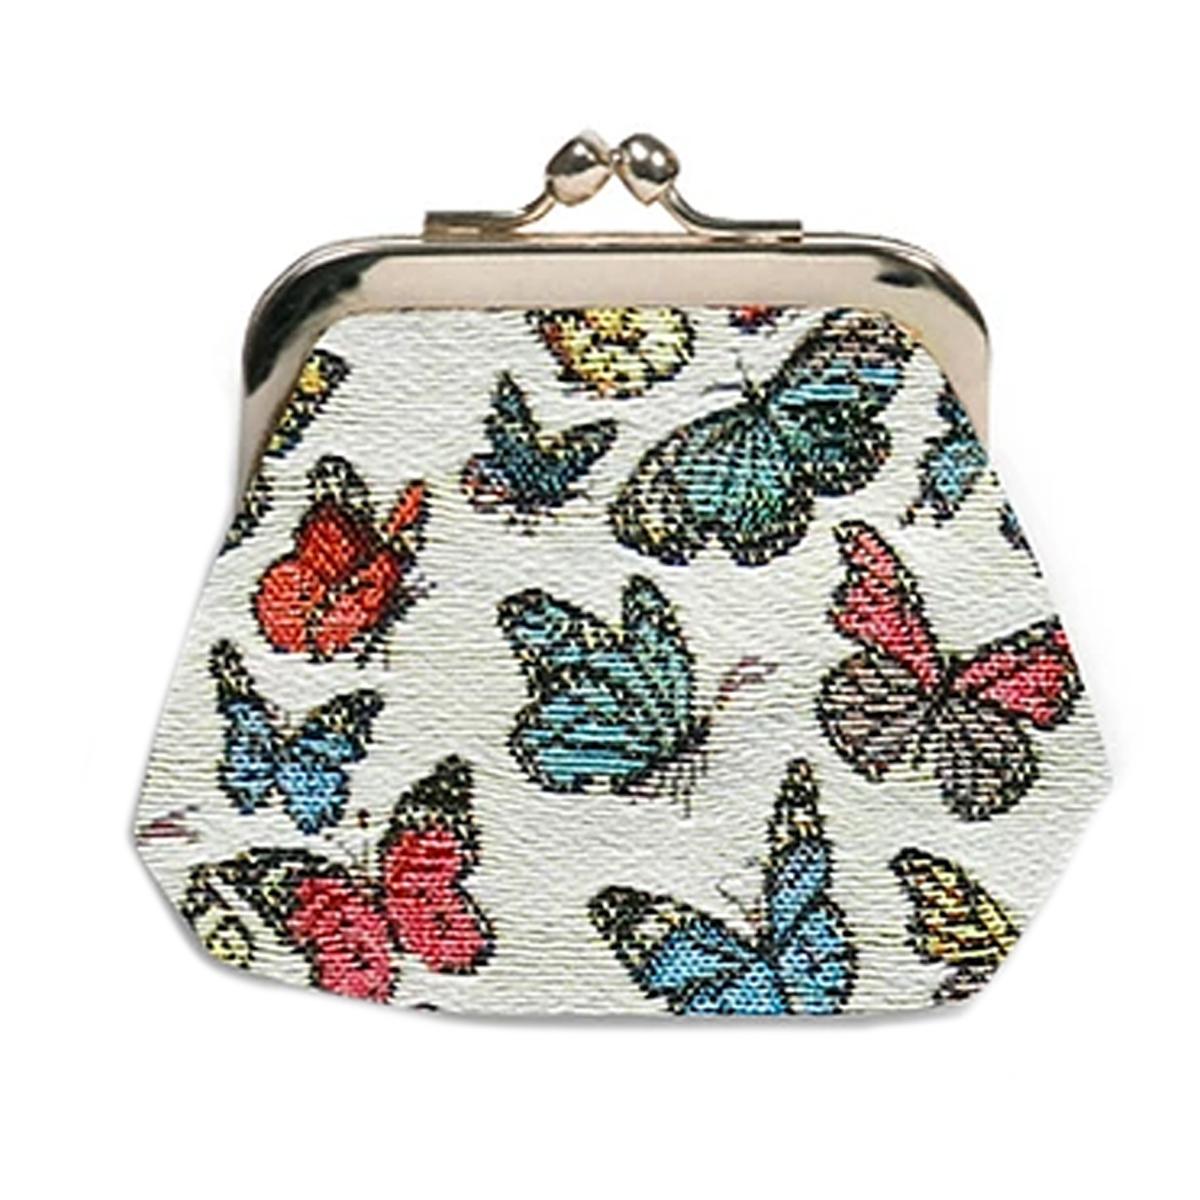 Porte-monnaie artisanal \'Royal Tapisserie\' blanc multicolore (papillons)  - 11x10x1 cm - [Q6302]